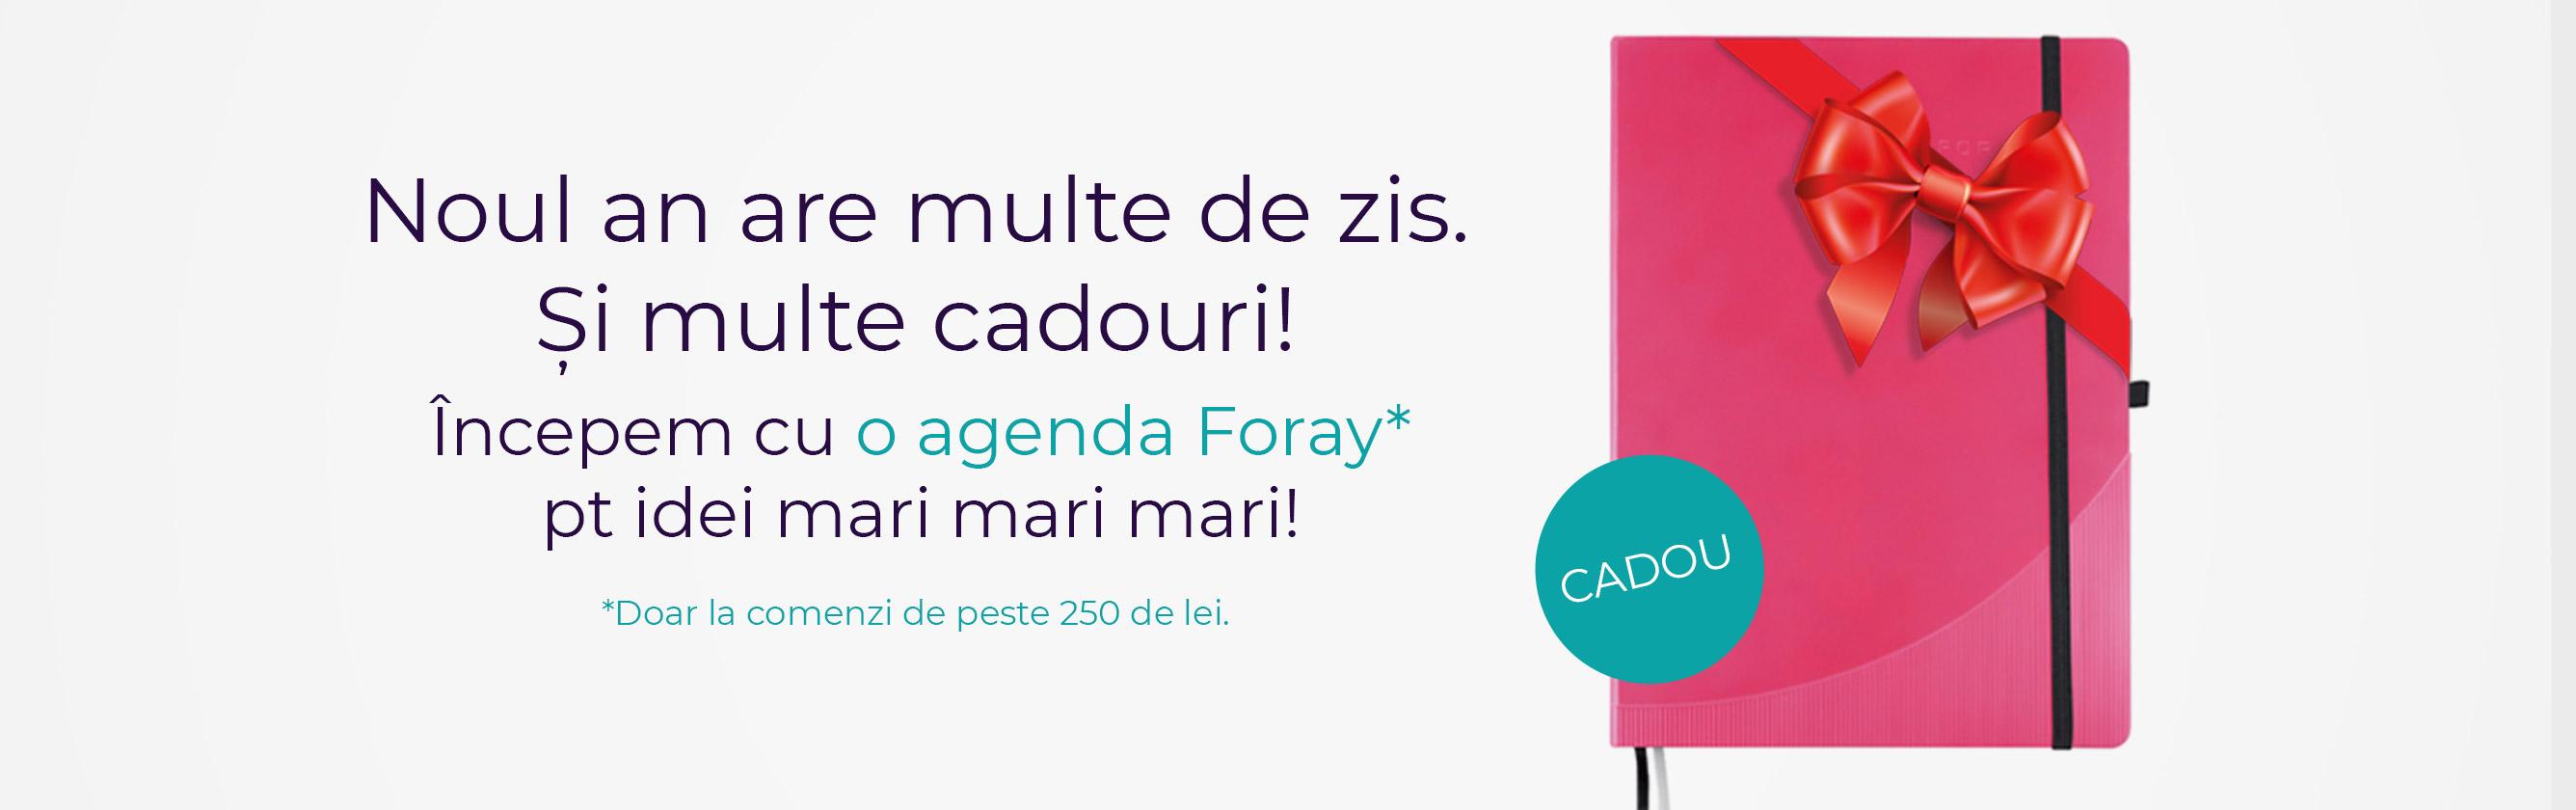 Agenda Foray Cadou Desktop